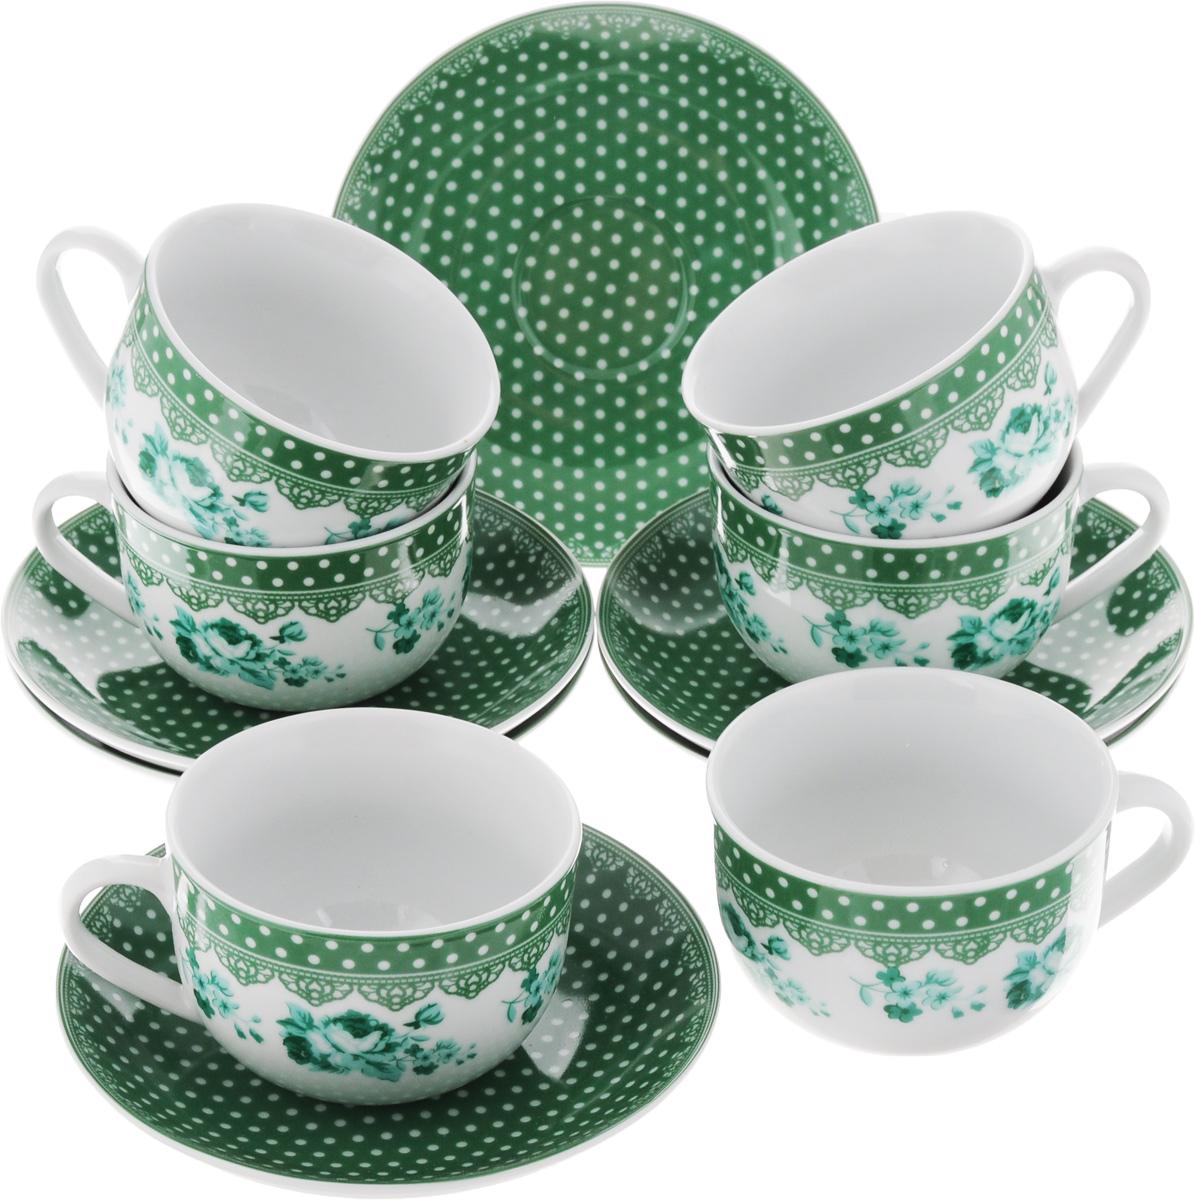 Набор чайный Loraine, цвет: белый, зеленый, 12 предметов. 2590925909Чайный набор Loraine состоит из 6 чашек и 6 блюдец. Изделия выполнены из высококачественного фарфора и оформлены ярким рисунком. Такой набор прекрасно дополнит сервировку стола к чаепитию, а также станет замечательным подарком для ваших друзей и близких. Объем чашки: 220 мл. Диаметр чашки по верхнему краю: 9 см. Высота чашки: 6,2 см. Диаметр блюдца: 14,5 см. Высота блюдца: 2,3 см.